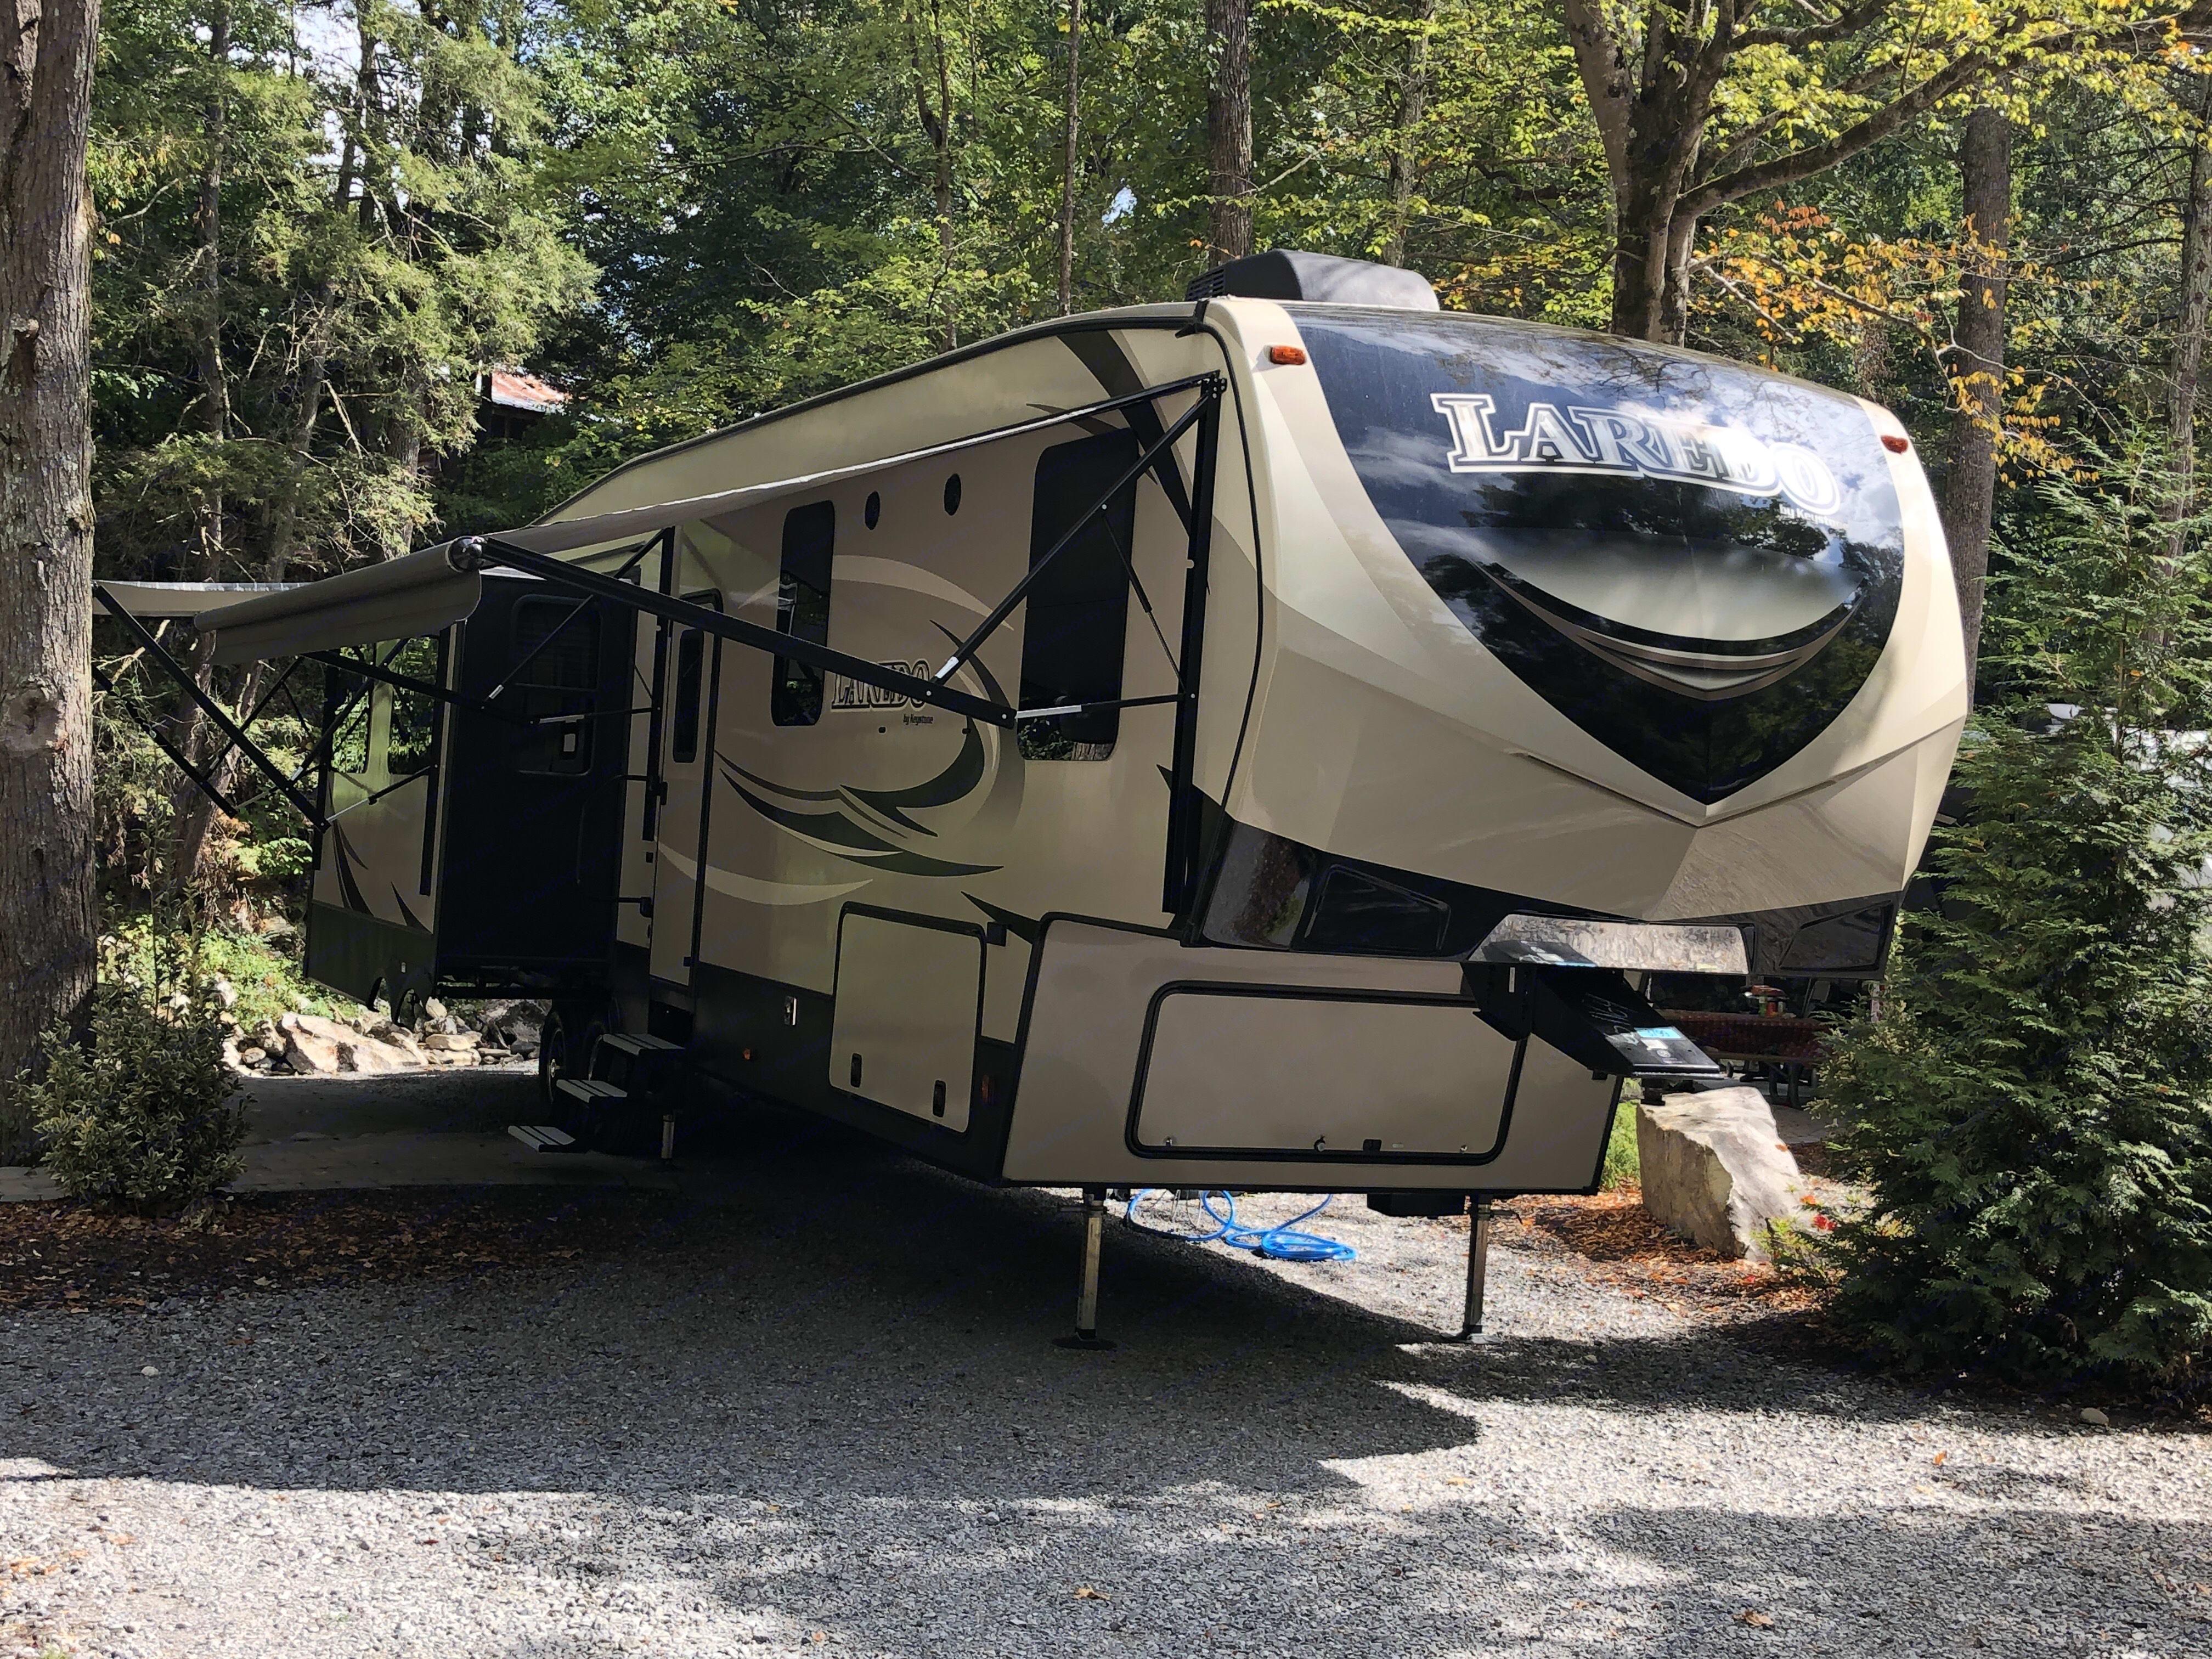 S'more Smoky Mountains maiden voyage to Great Smoky Mountains . Keystone Laredo 2018